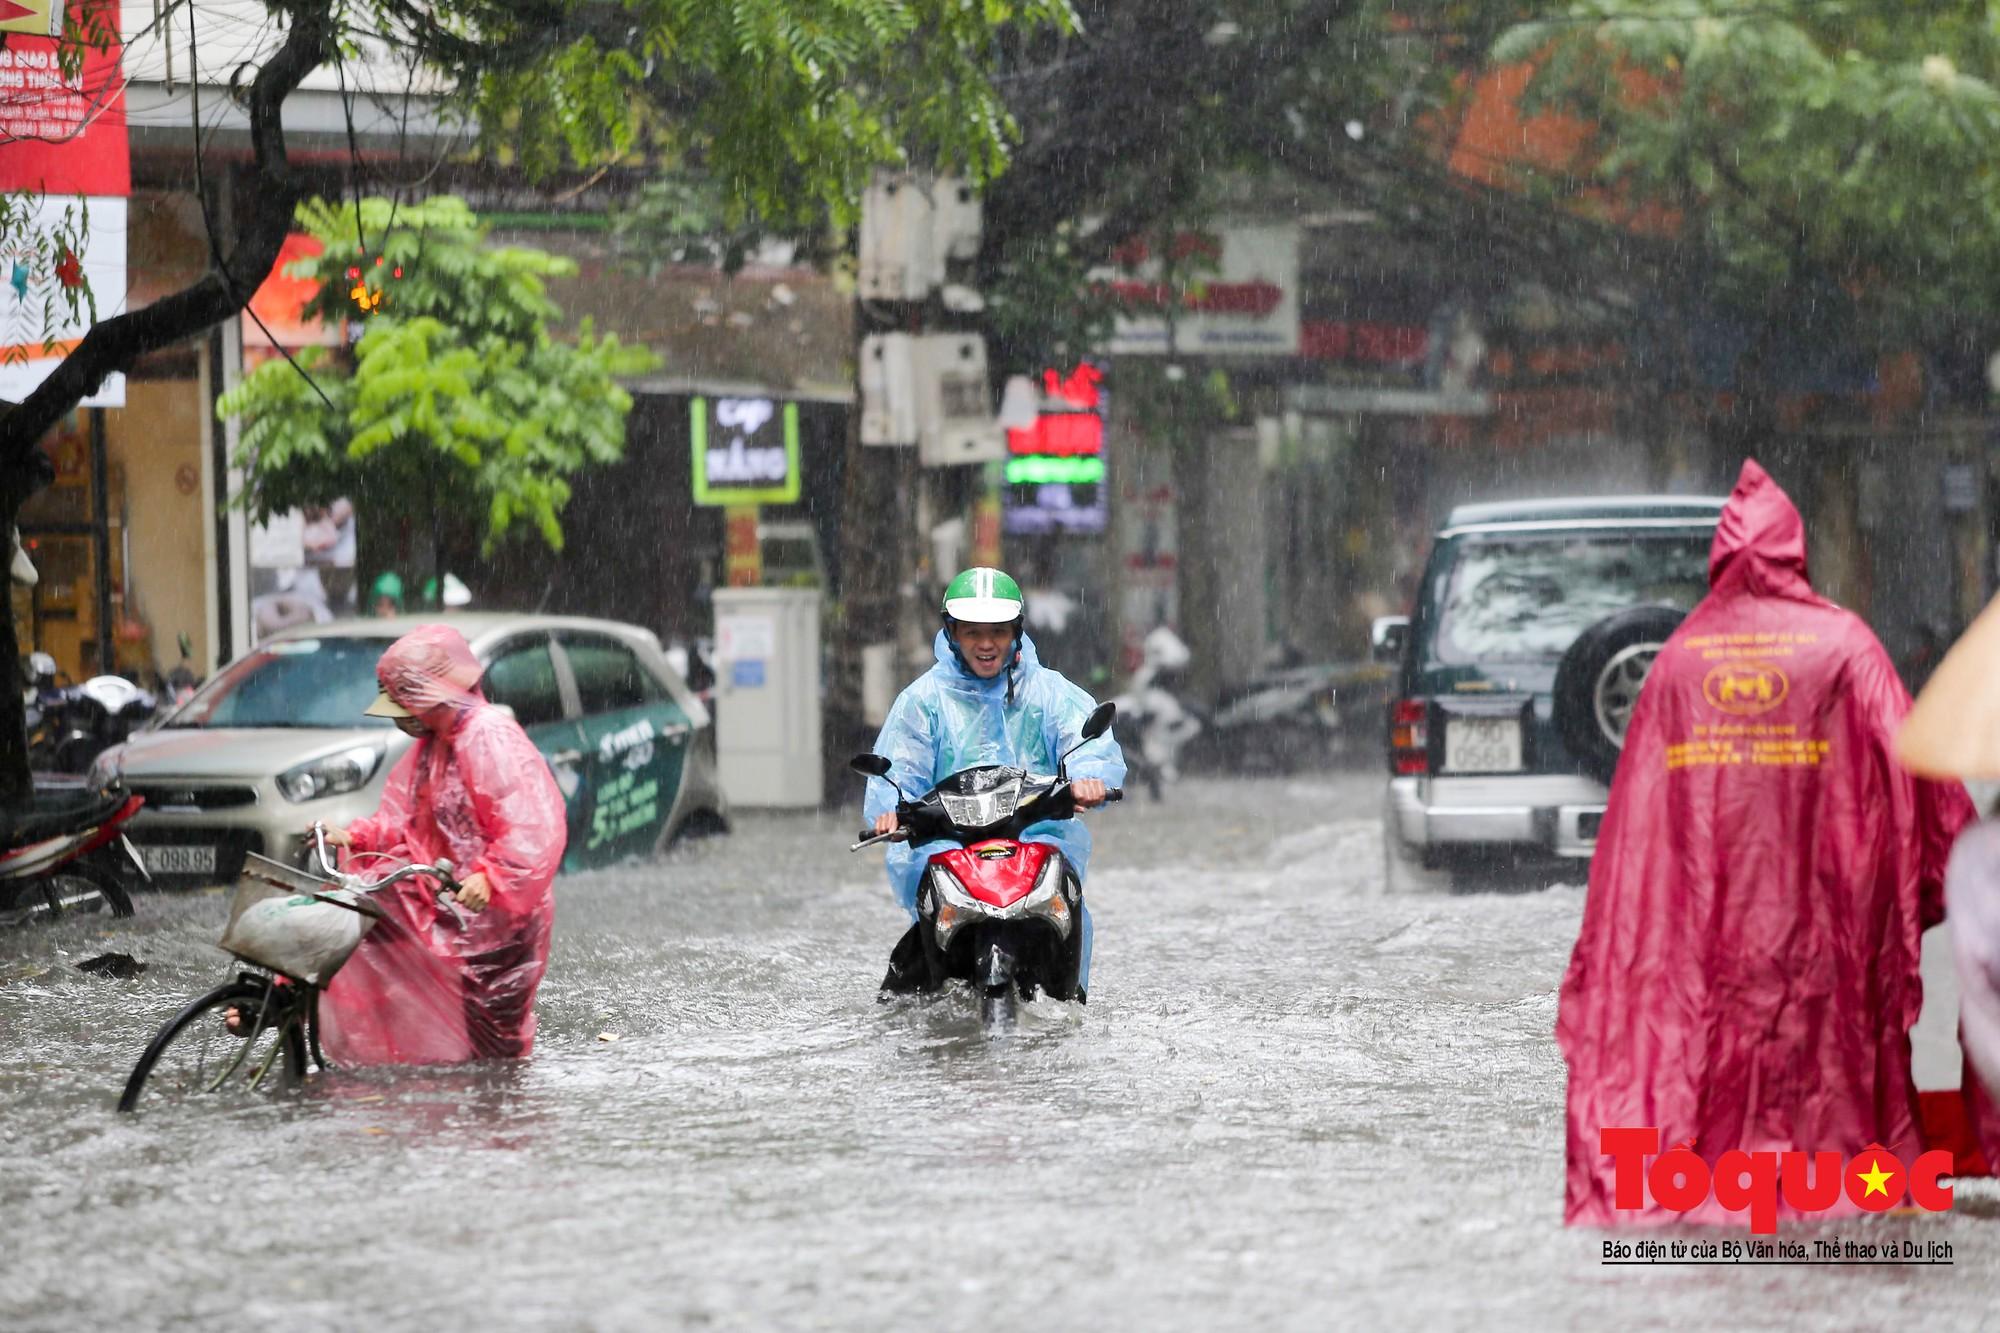 Hà Nội: mưa lớn chưa đến 30 phút, nhiều tuyến phố ngập sâu trong biển nước11